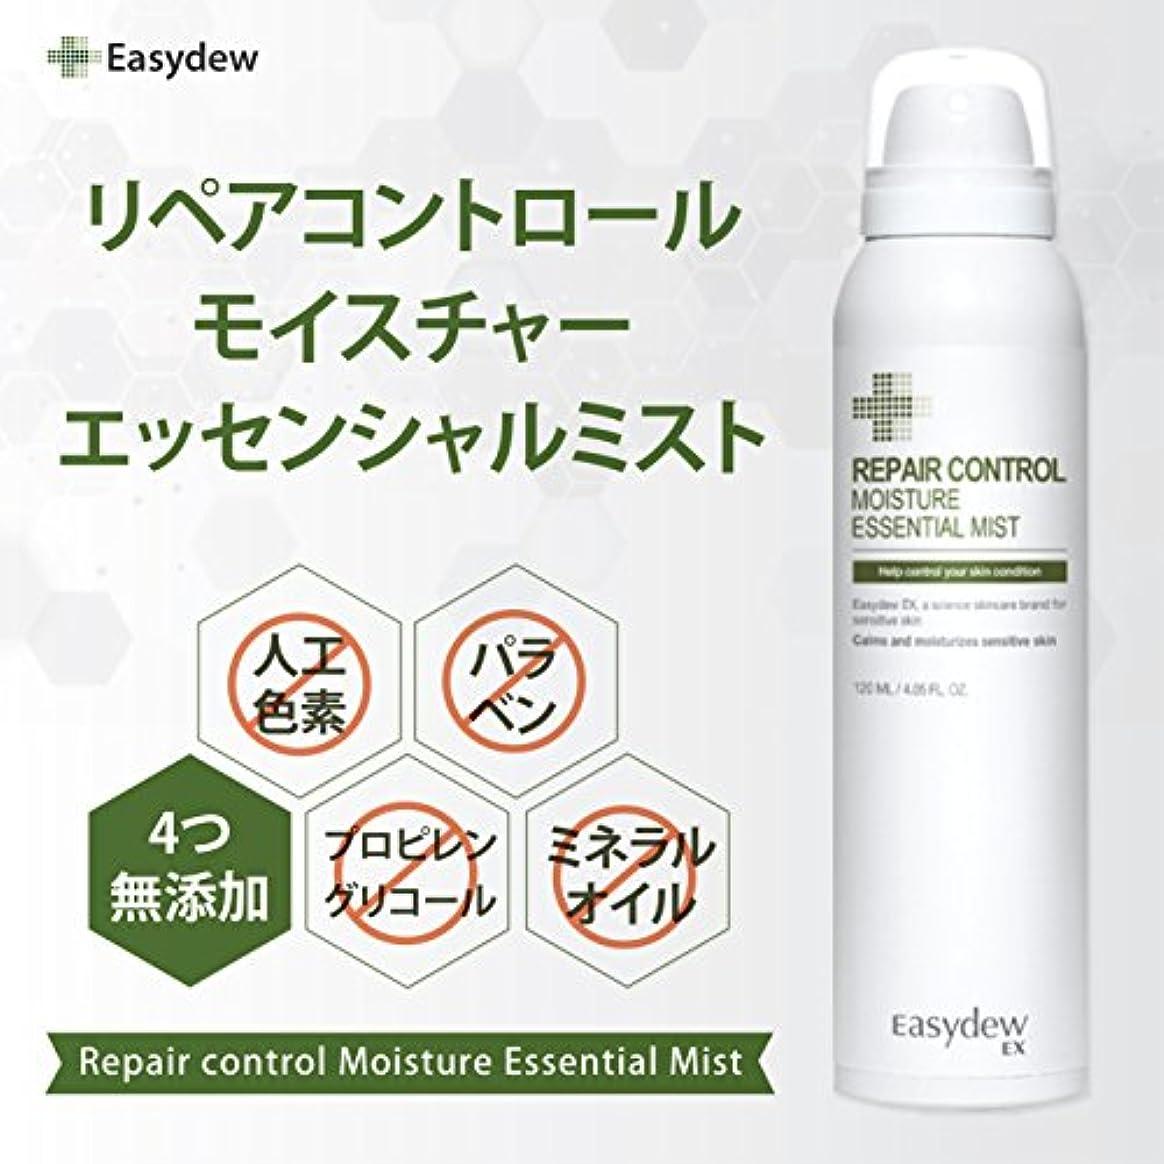 びっくり取り付け韓国語EASYDEW EX リペア コントロール モイスチャー エッセンシャル ミスト Repair Control Moisture Essential Mist 120ml